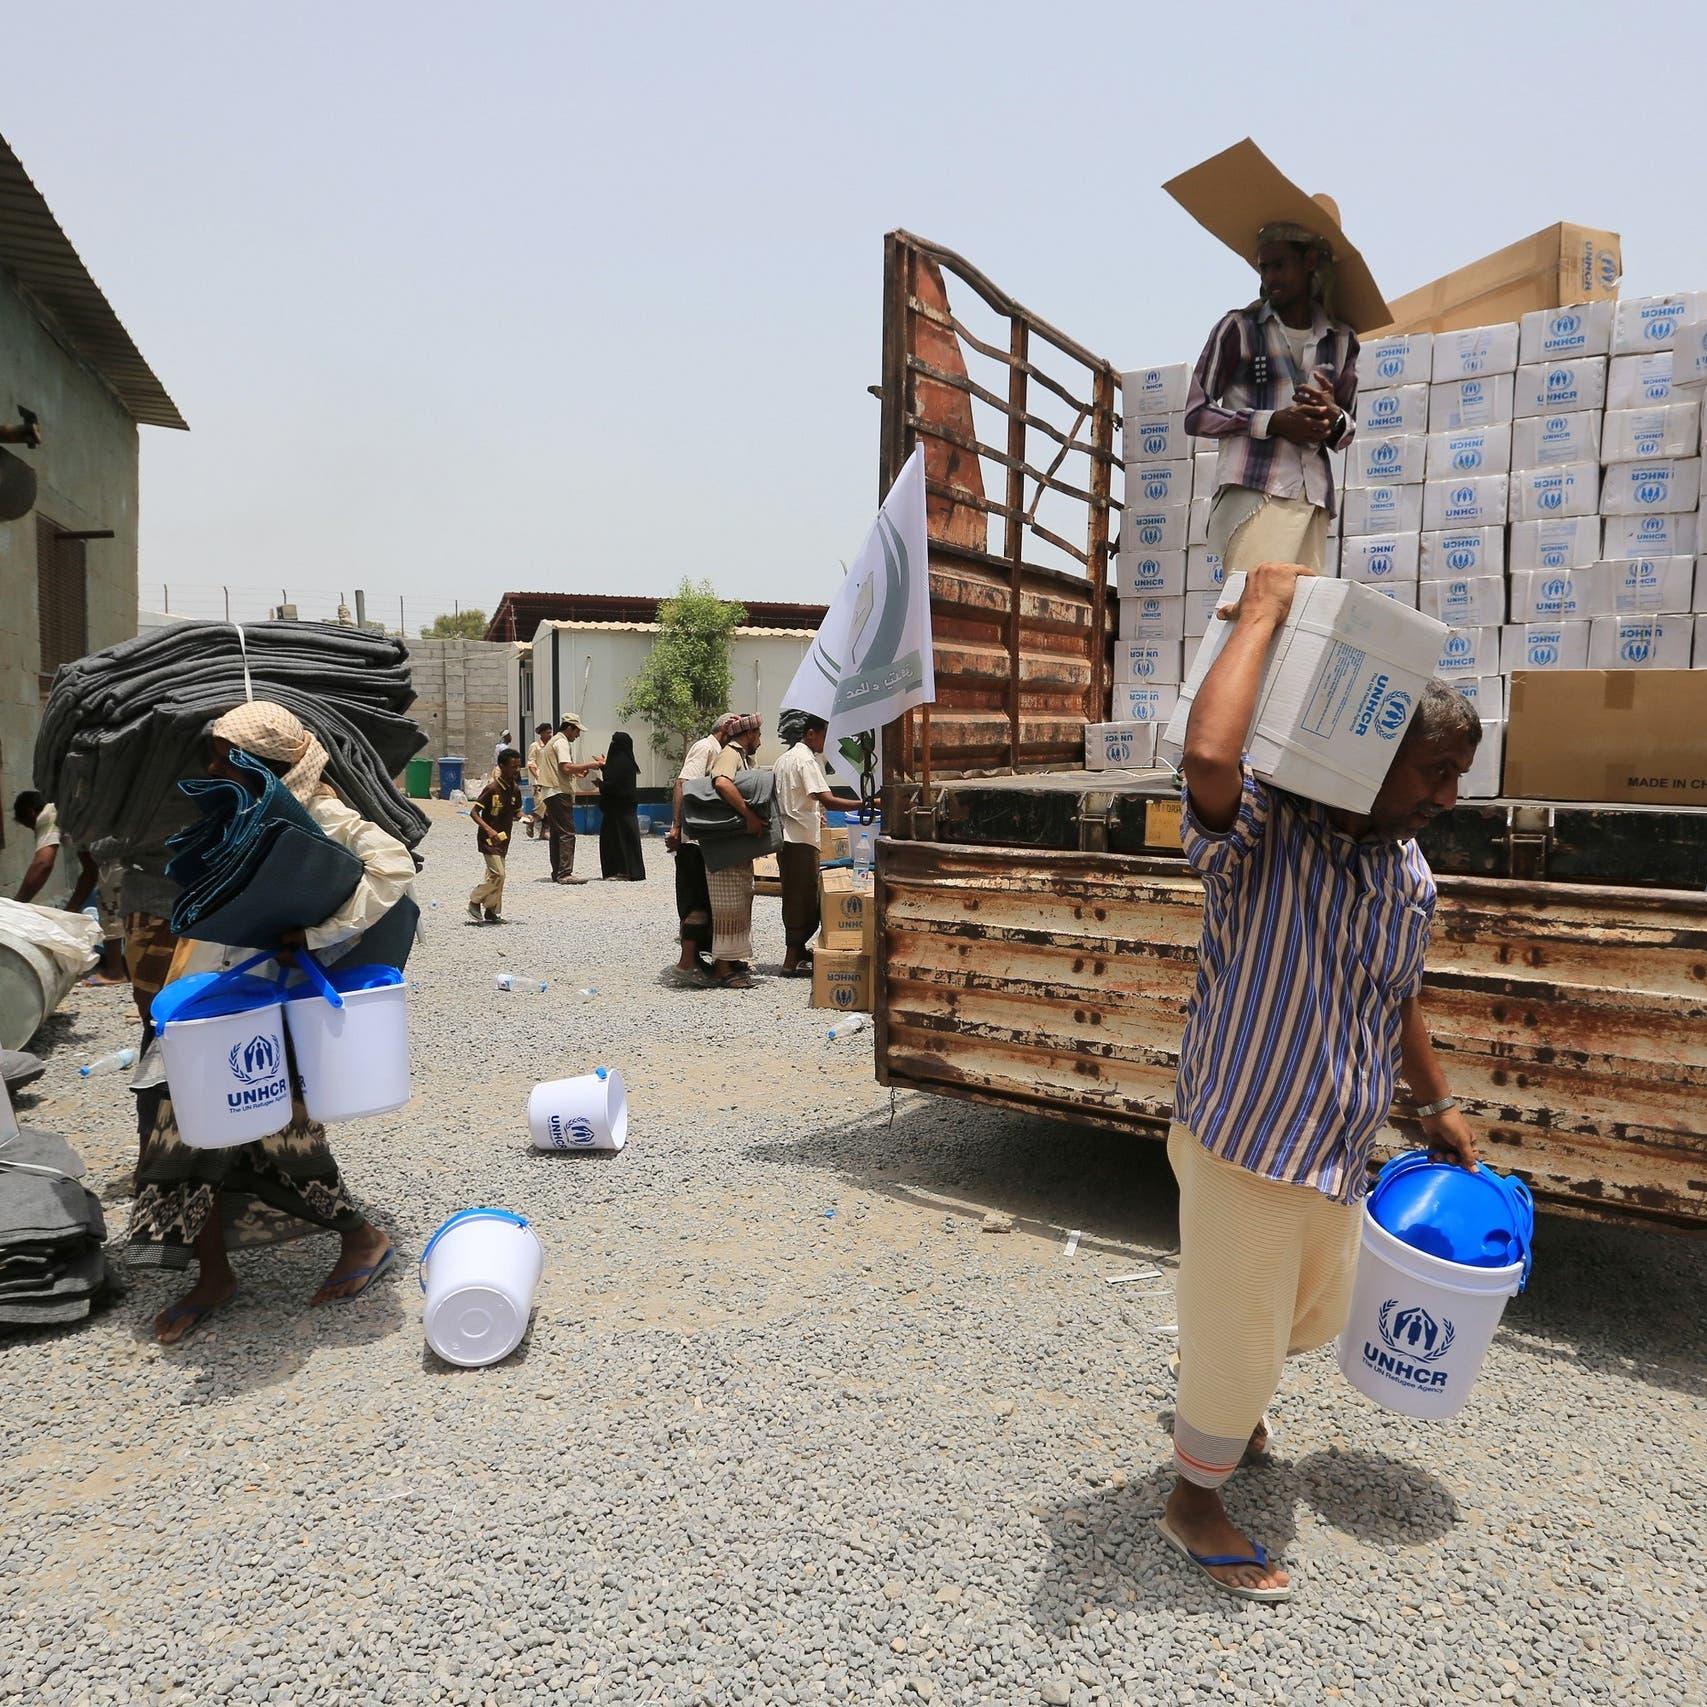 اليمن يدعو الأمم المتحدة للضغط على الحوثيين لإغاثة الحديدة